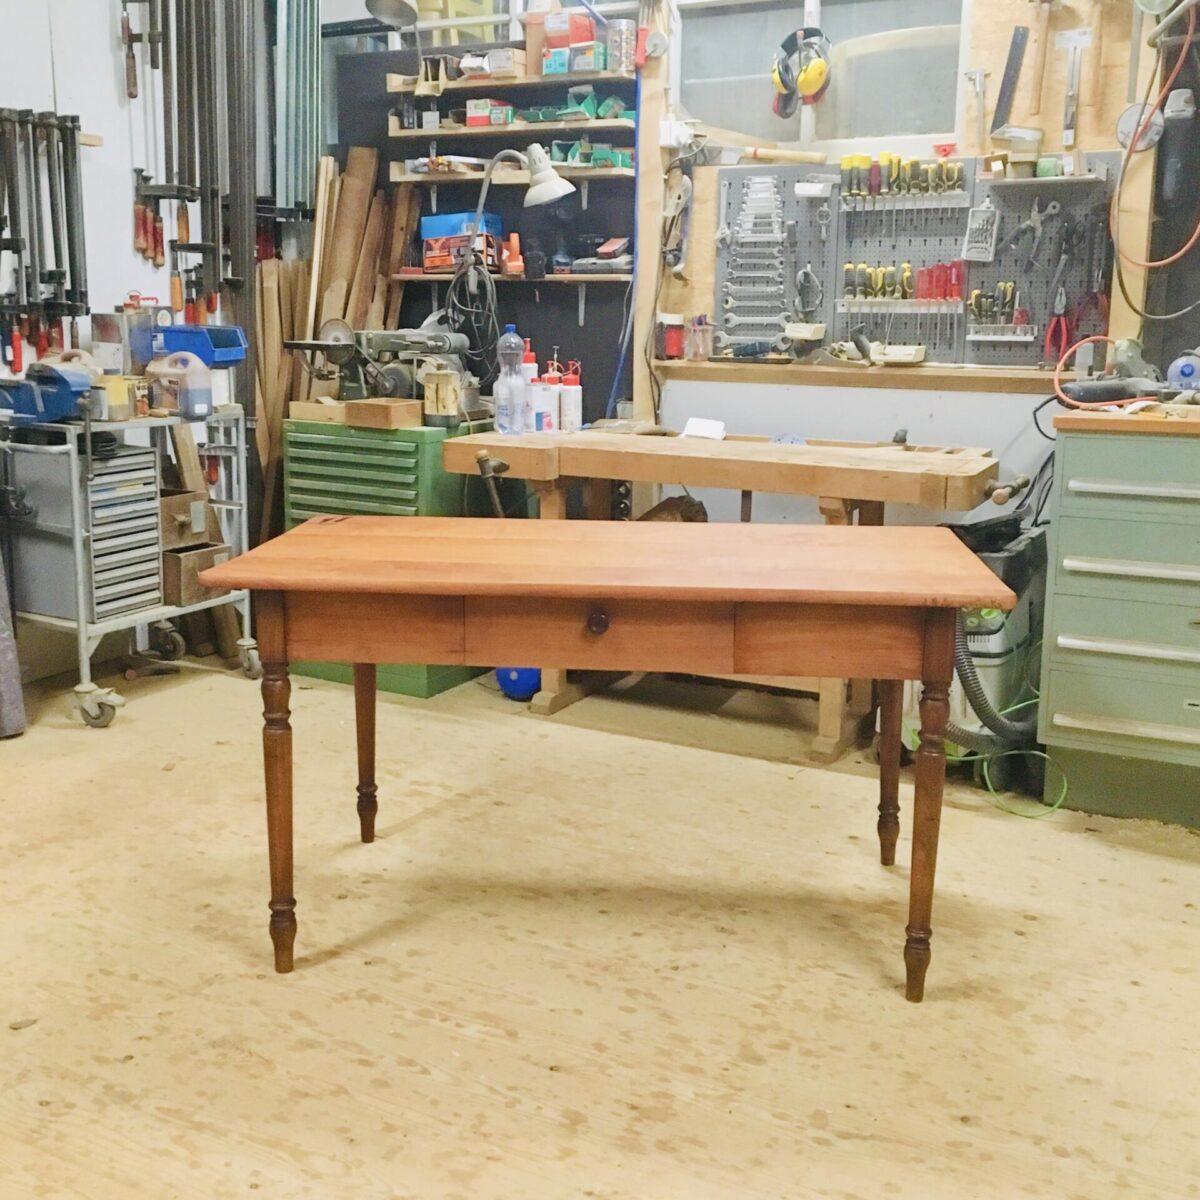 Antiker Kirschbaum Schreibtisch Holztisch restaurierter Kirschbaum Tisch Esstisch Möbel mit Ausstrahlung